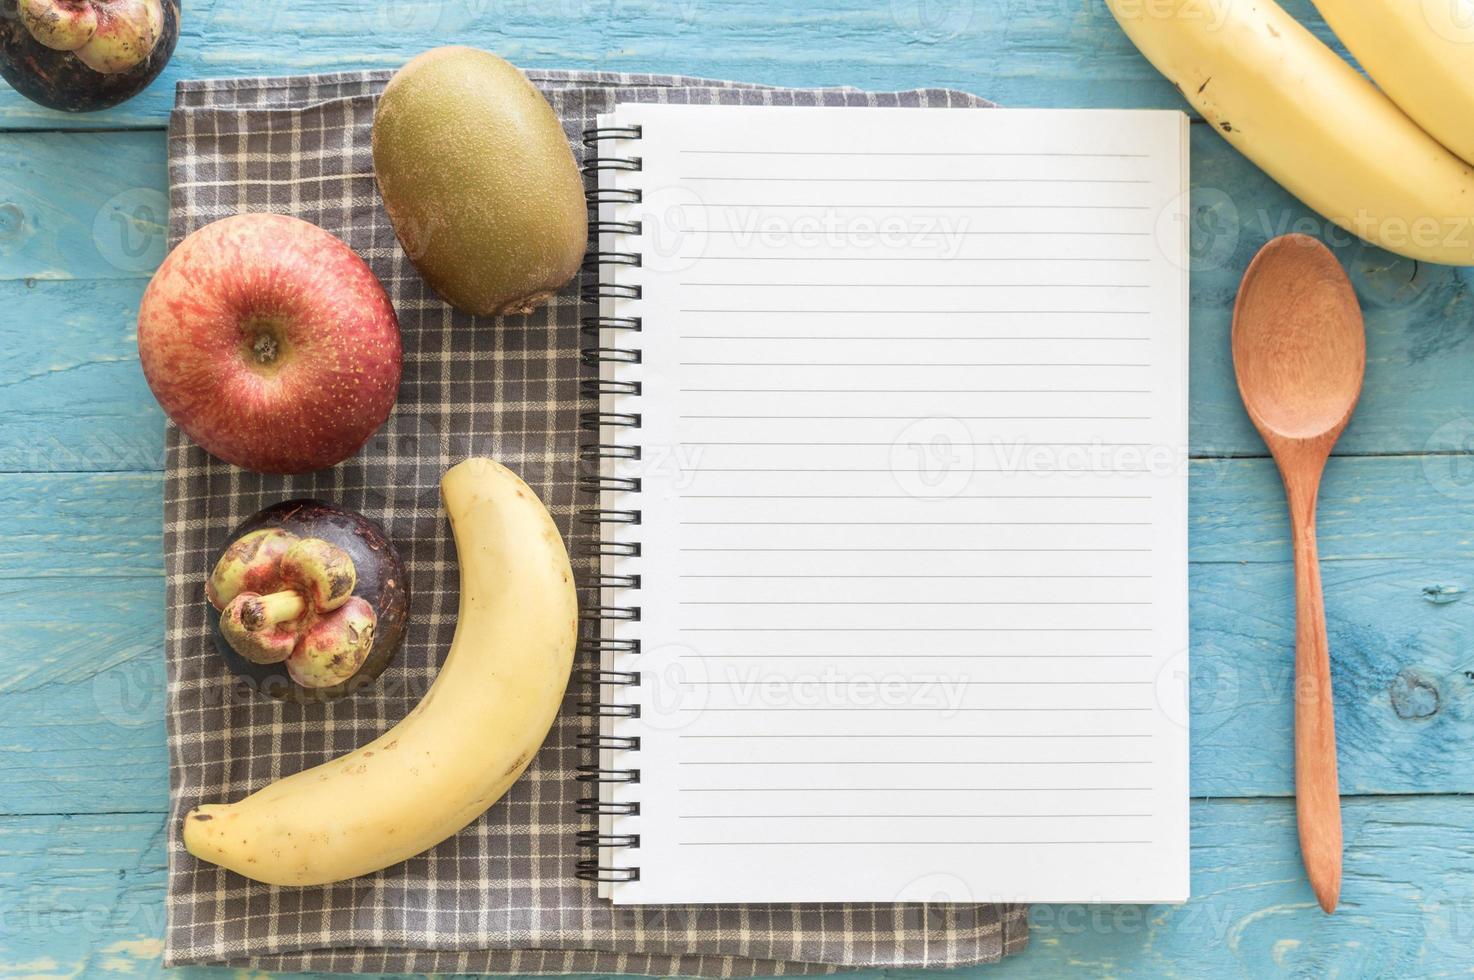 Rezeptbuch mit Früchten auf hölzernem Hintergrund foto